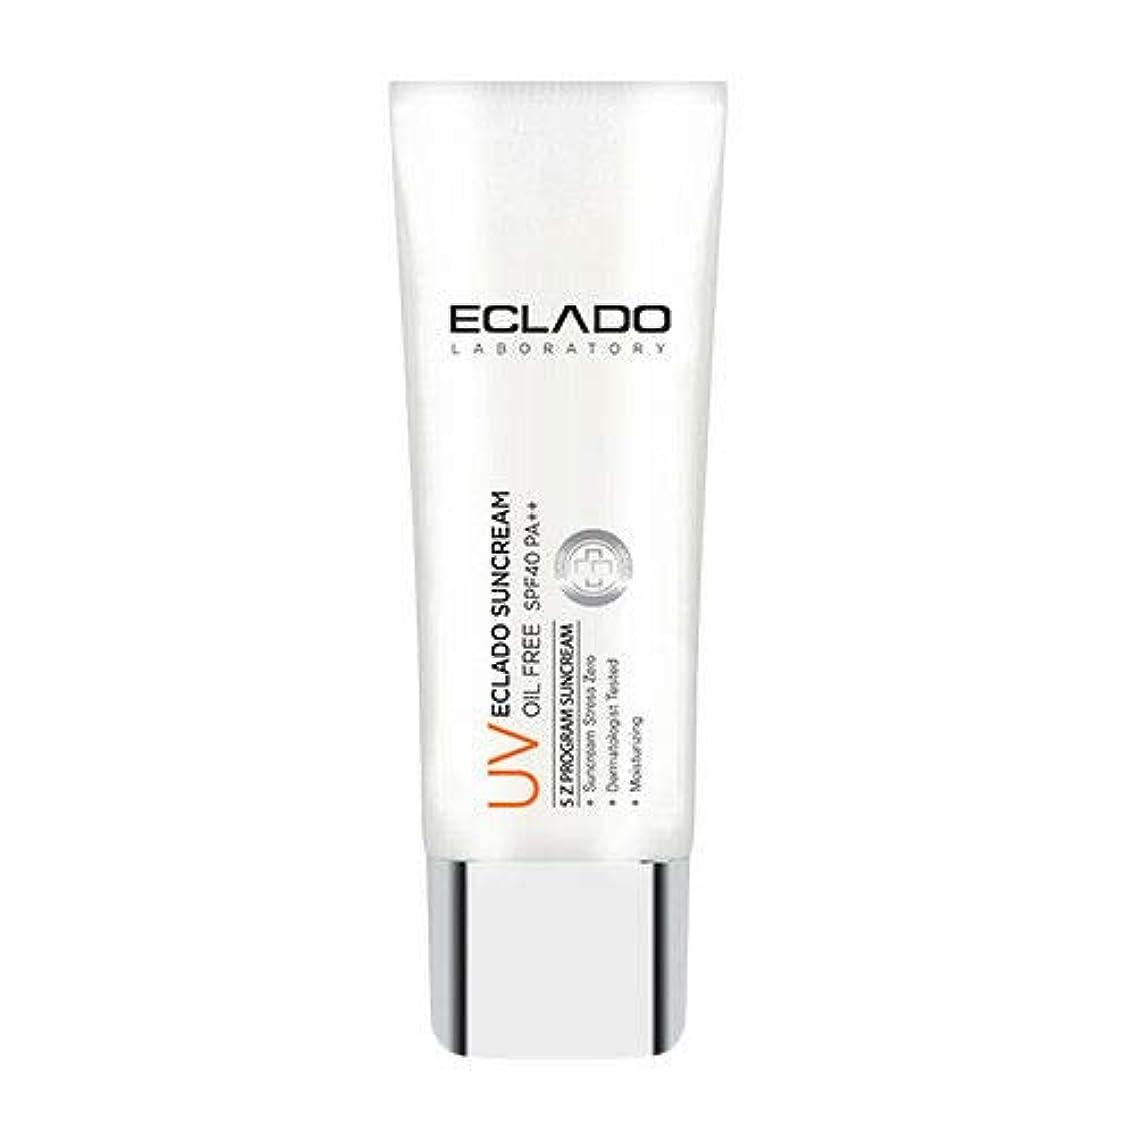 リークカビサンダーECLADO Oil Free Sun Cream (40g) SPF40 PA++ 韓国 日焼け止め